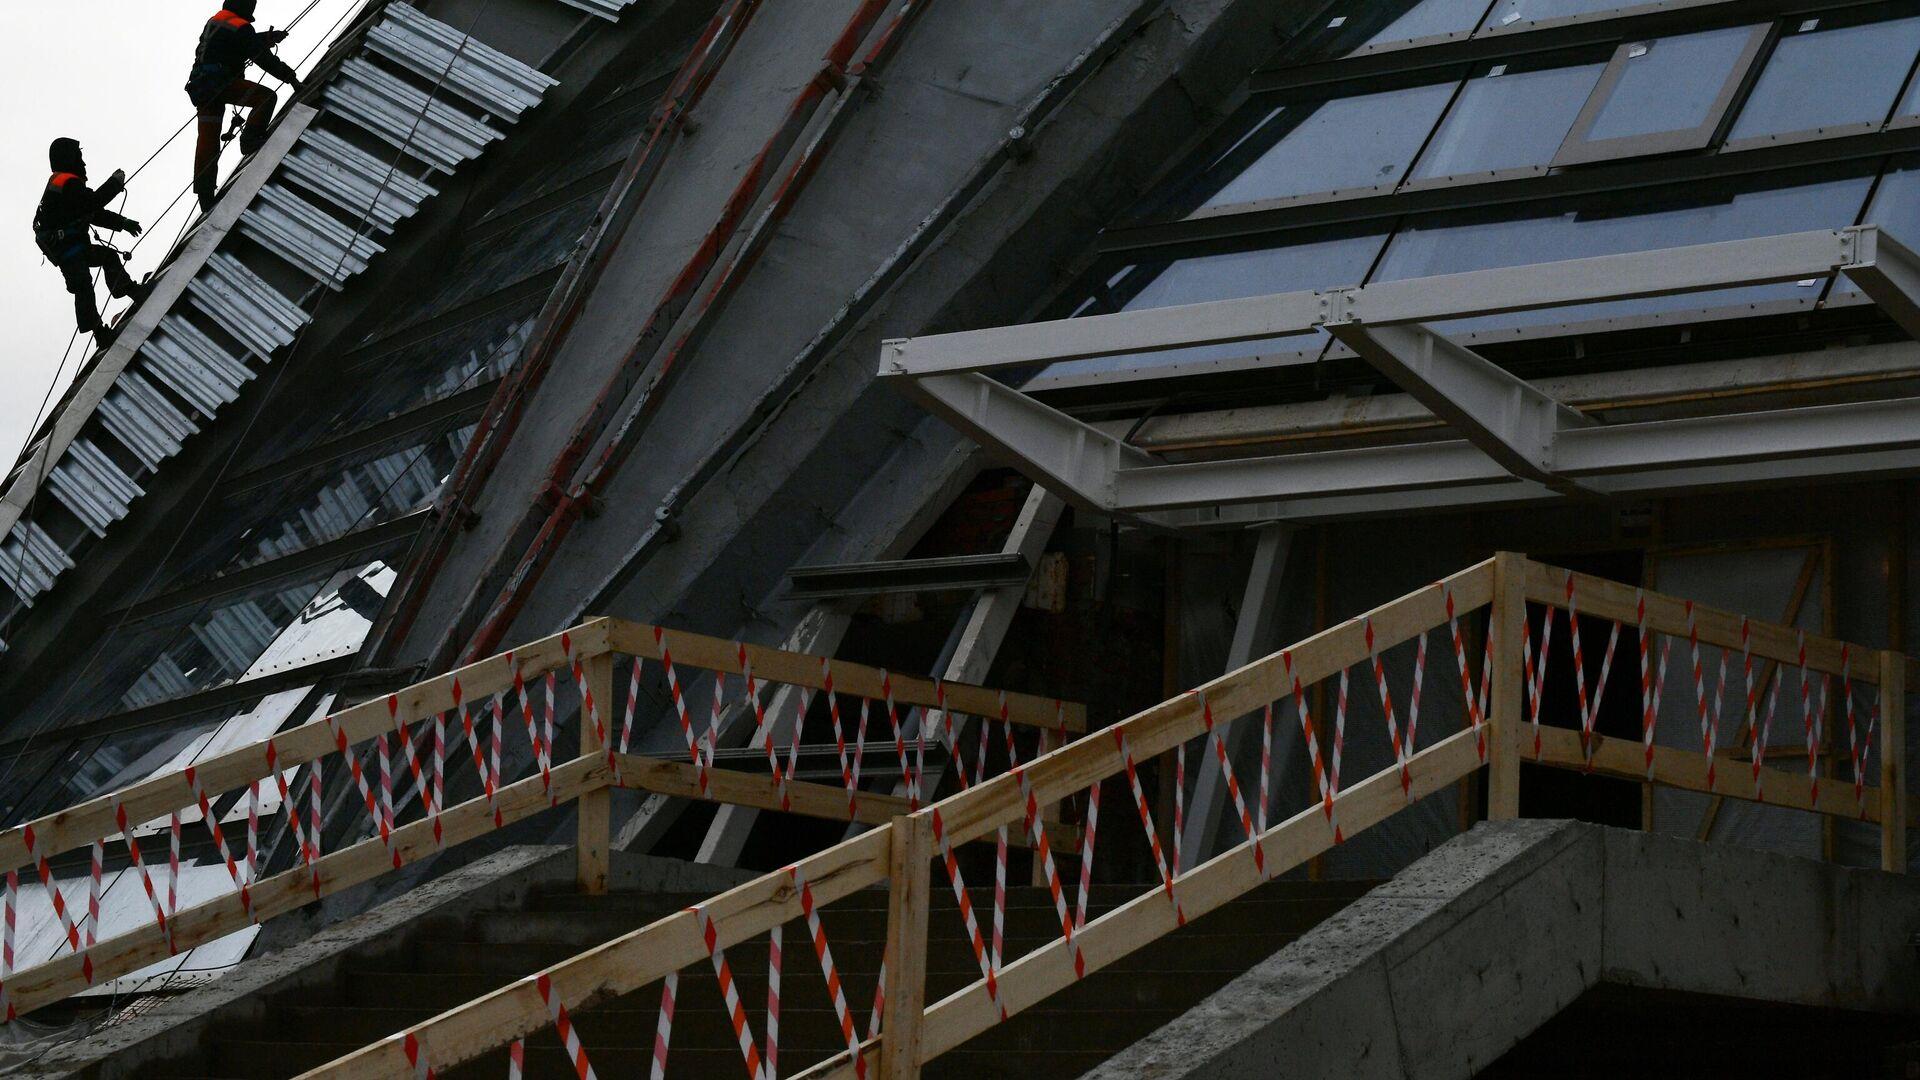 Строительство спортивных объектов в Лужниках - РИА Новости, 1920, 02.04.2021